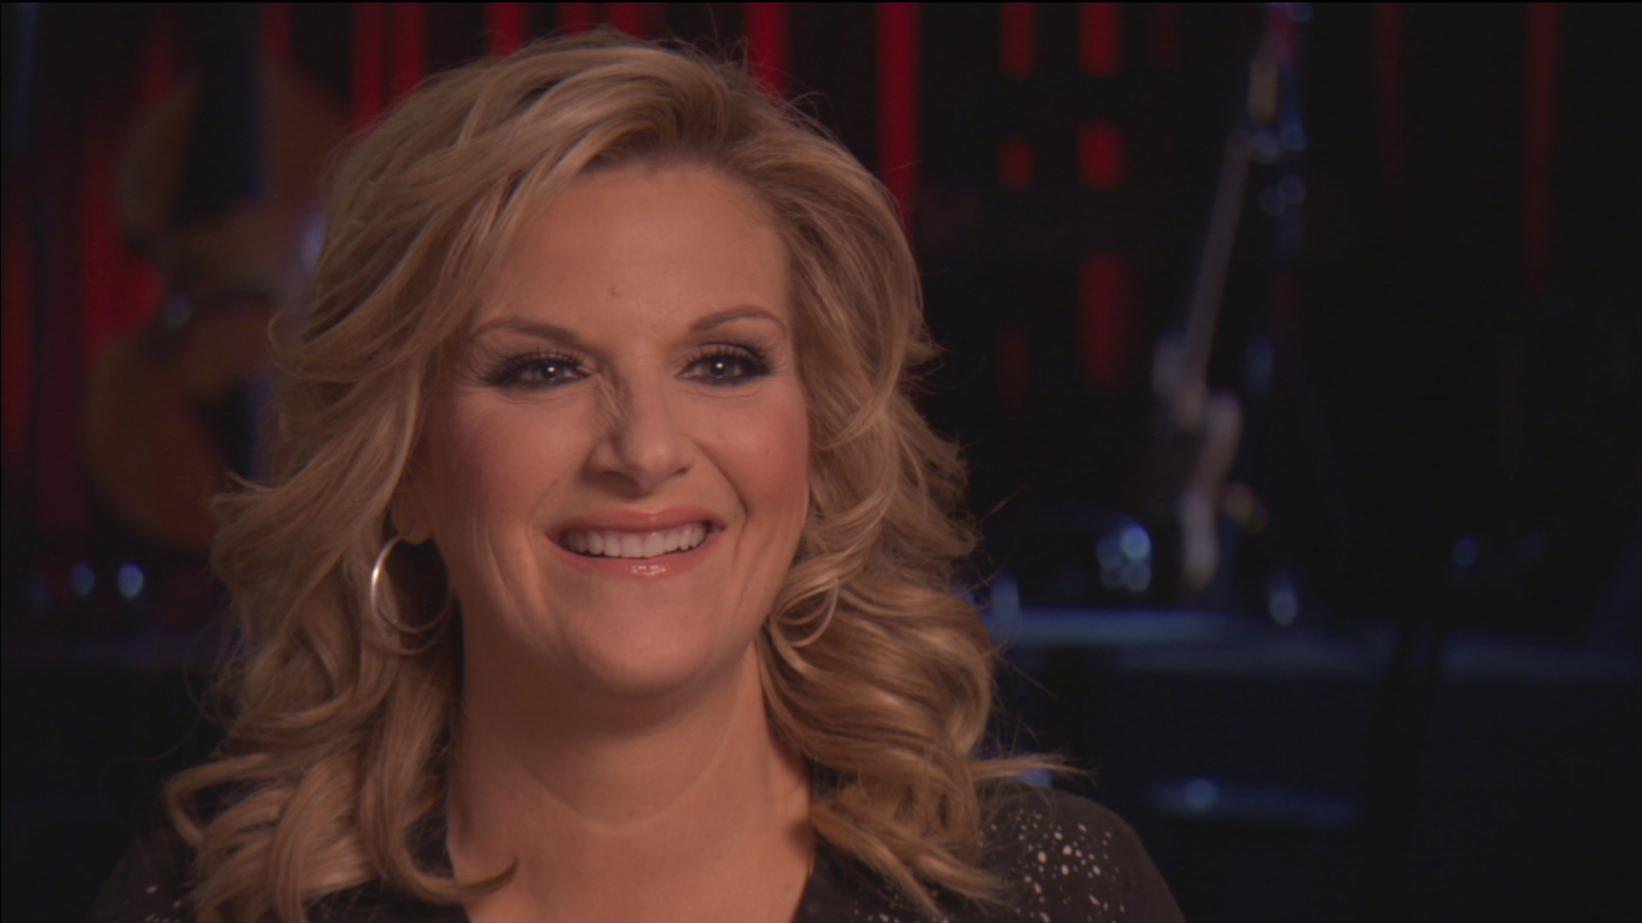 Closeup image of Trisha Yearwood